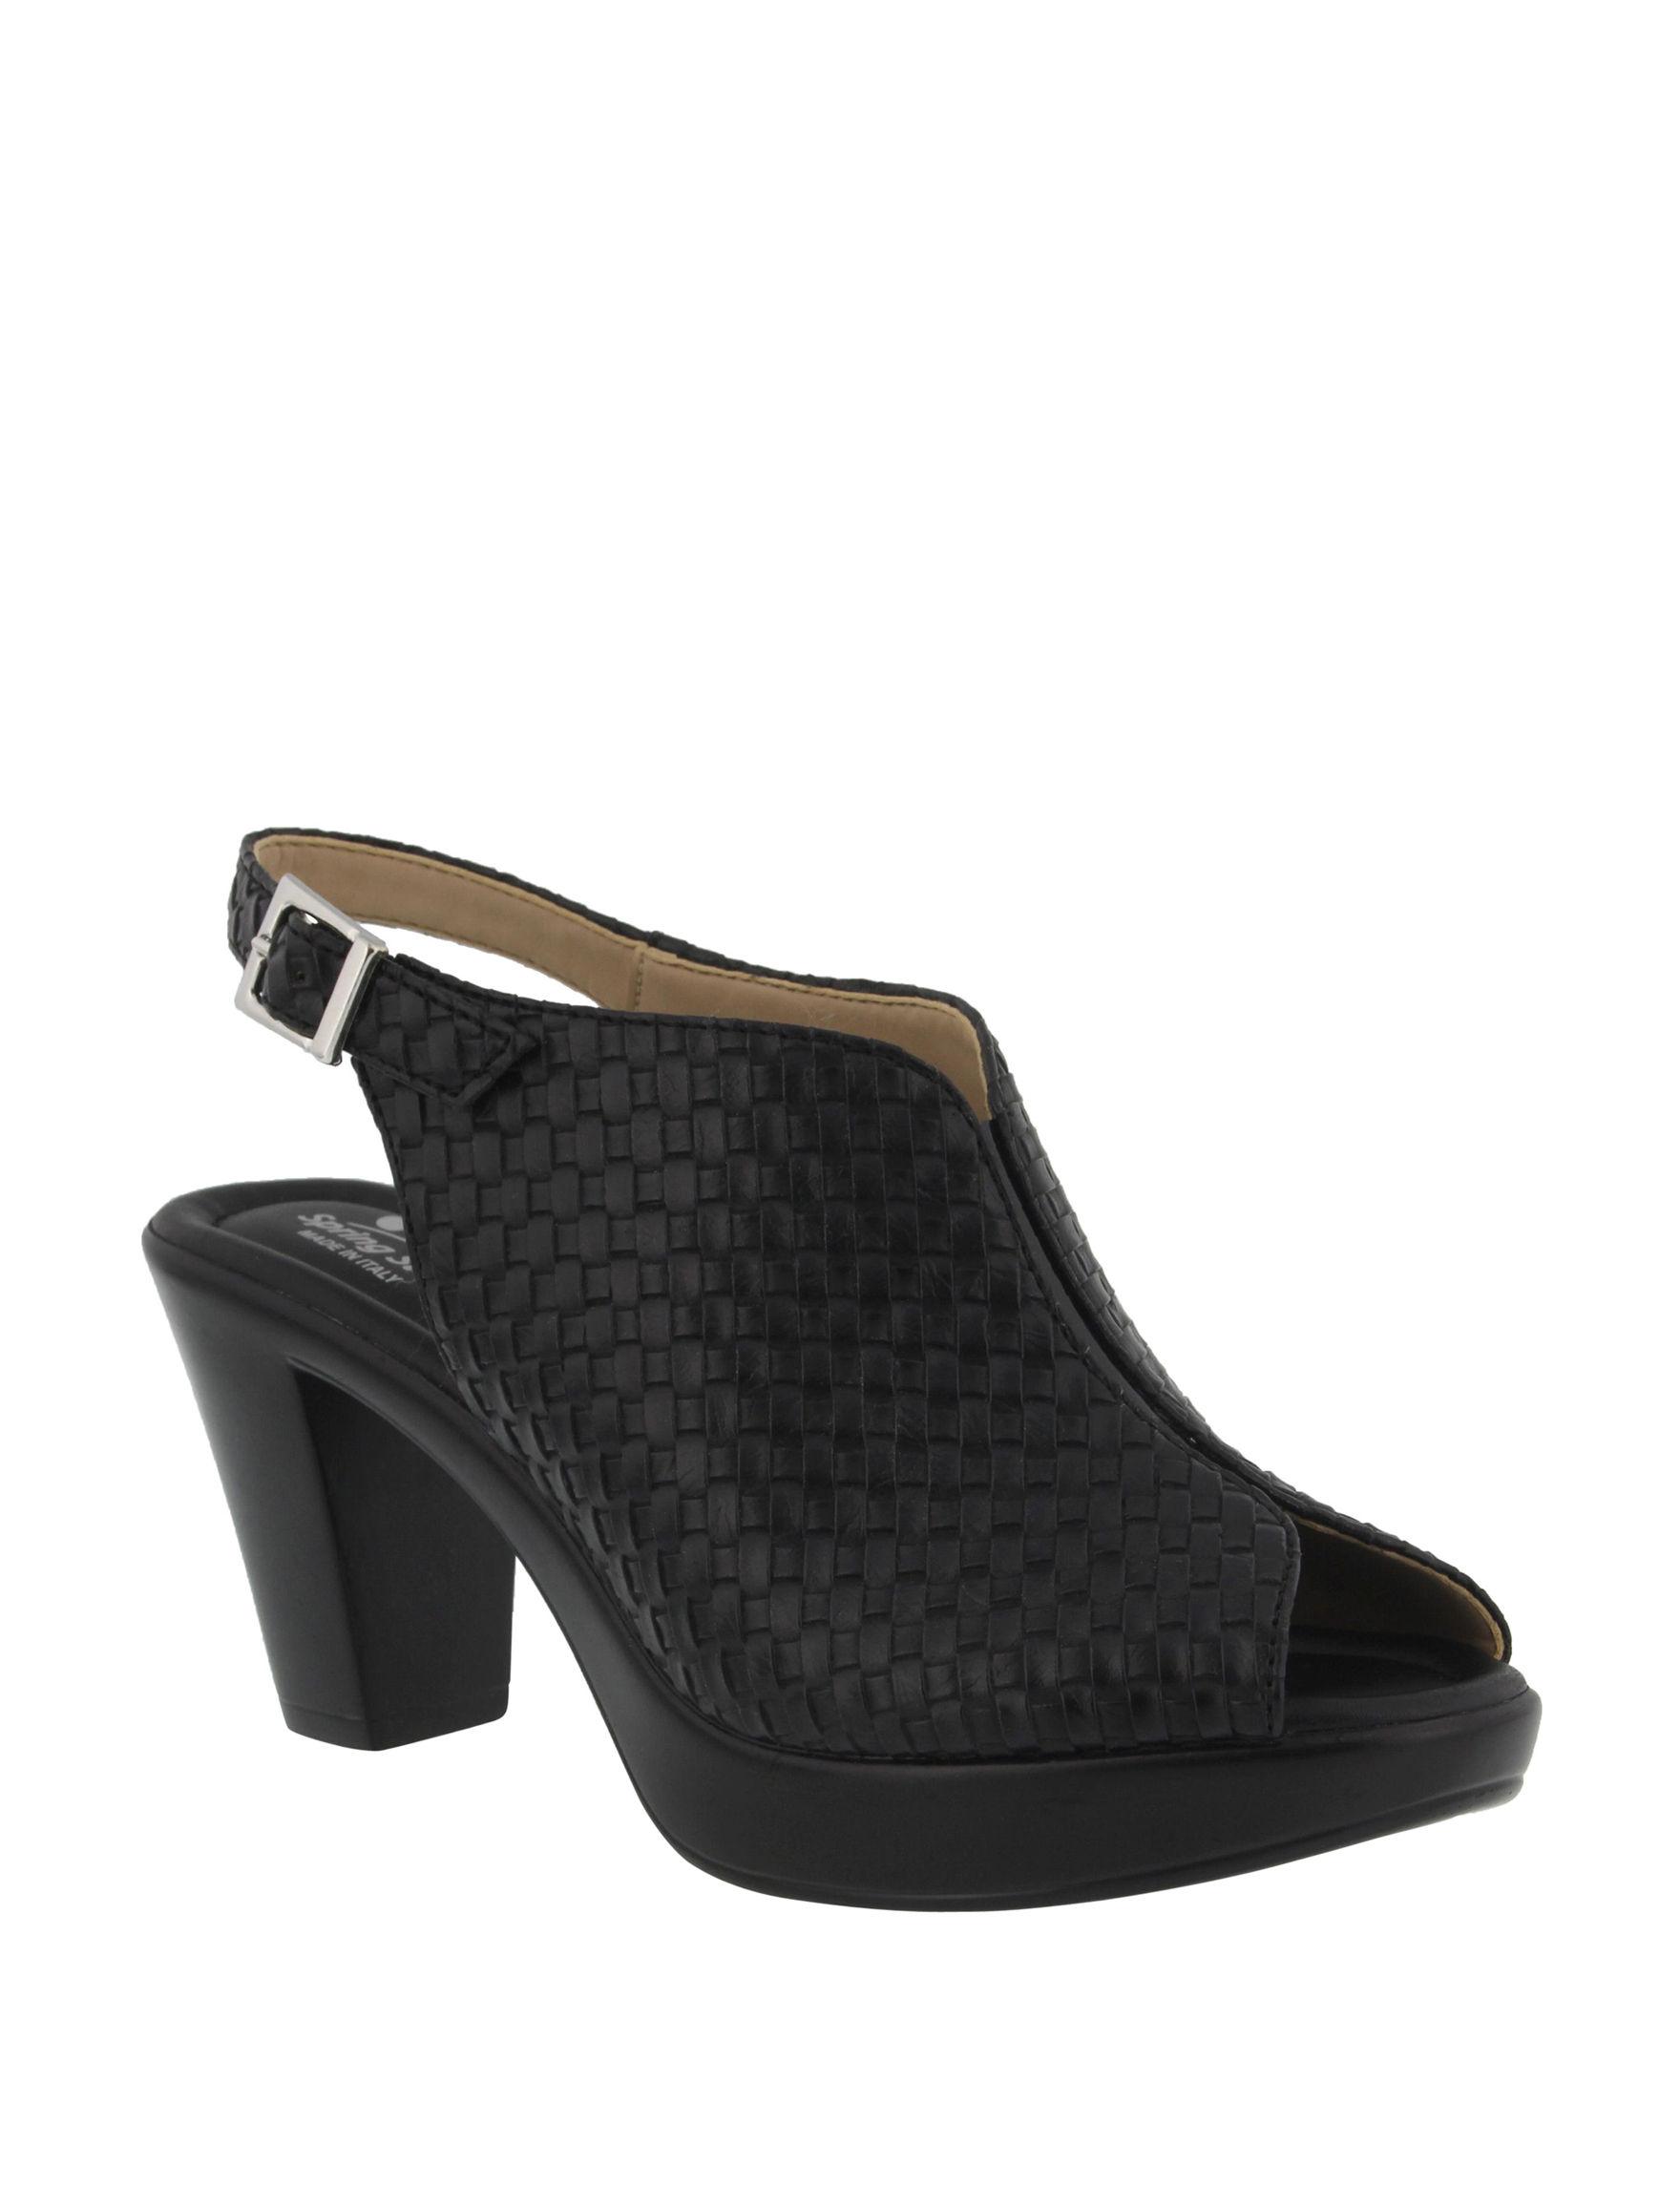 Spring Step Black Heeled Sandals